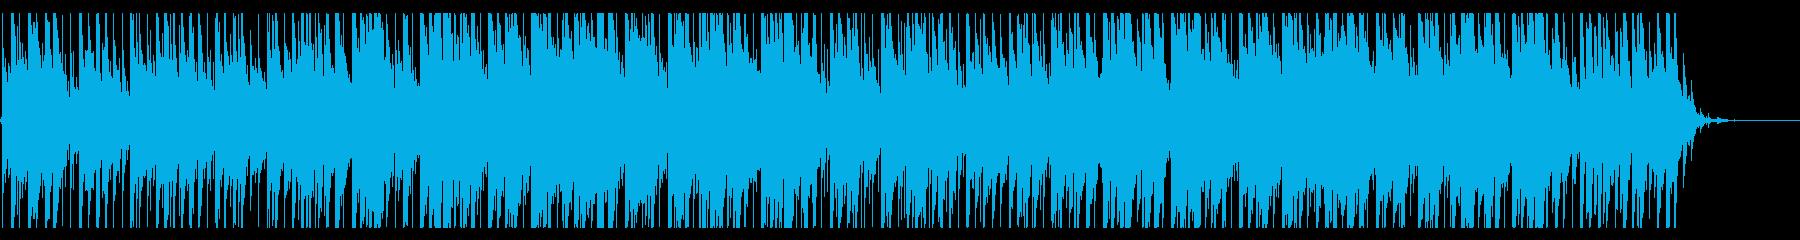 60sな雰囲気のサーフミュージックの再生済みの波形